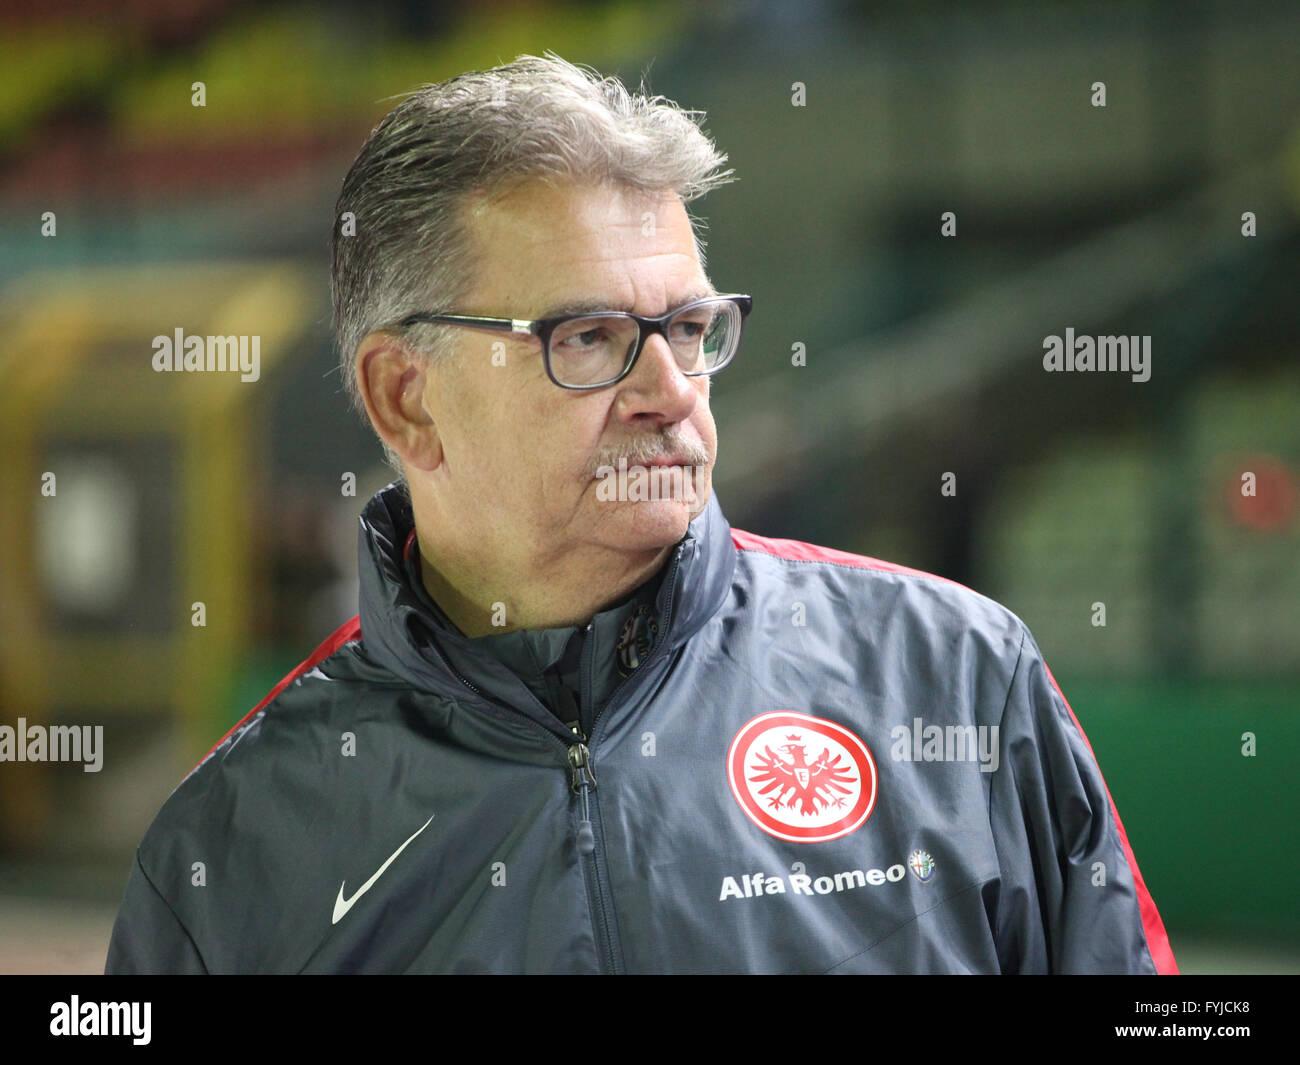 Rainer Falkenhain (Eintracht Frankfurt) - Stock Image